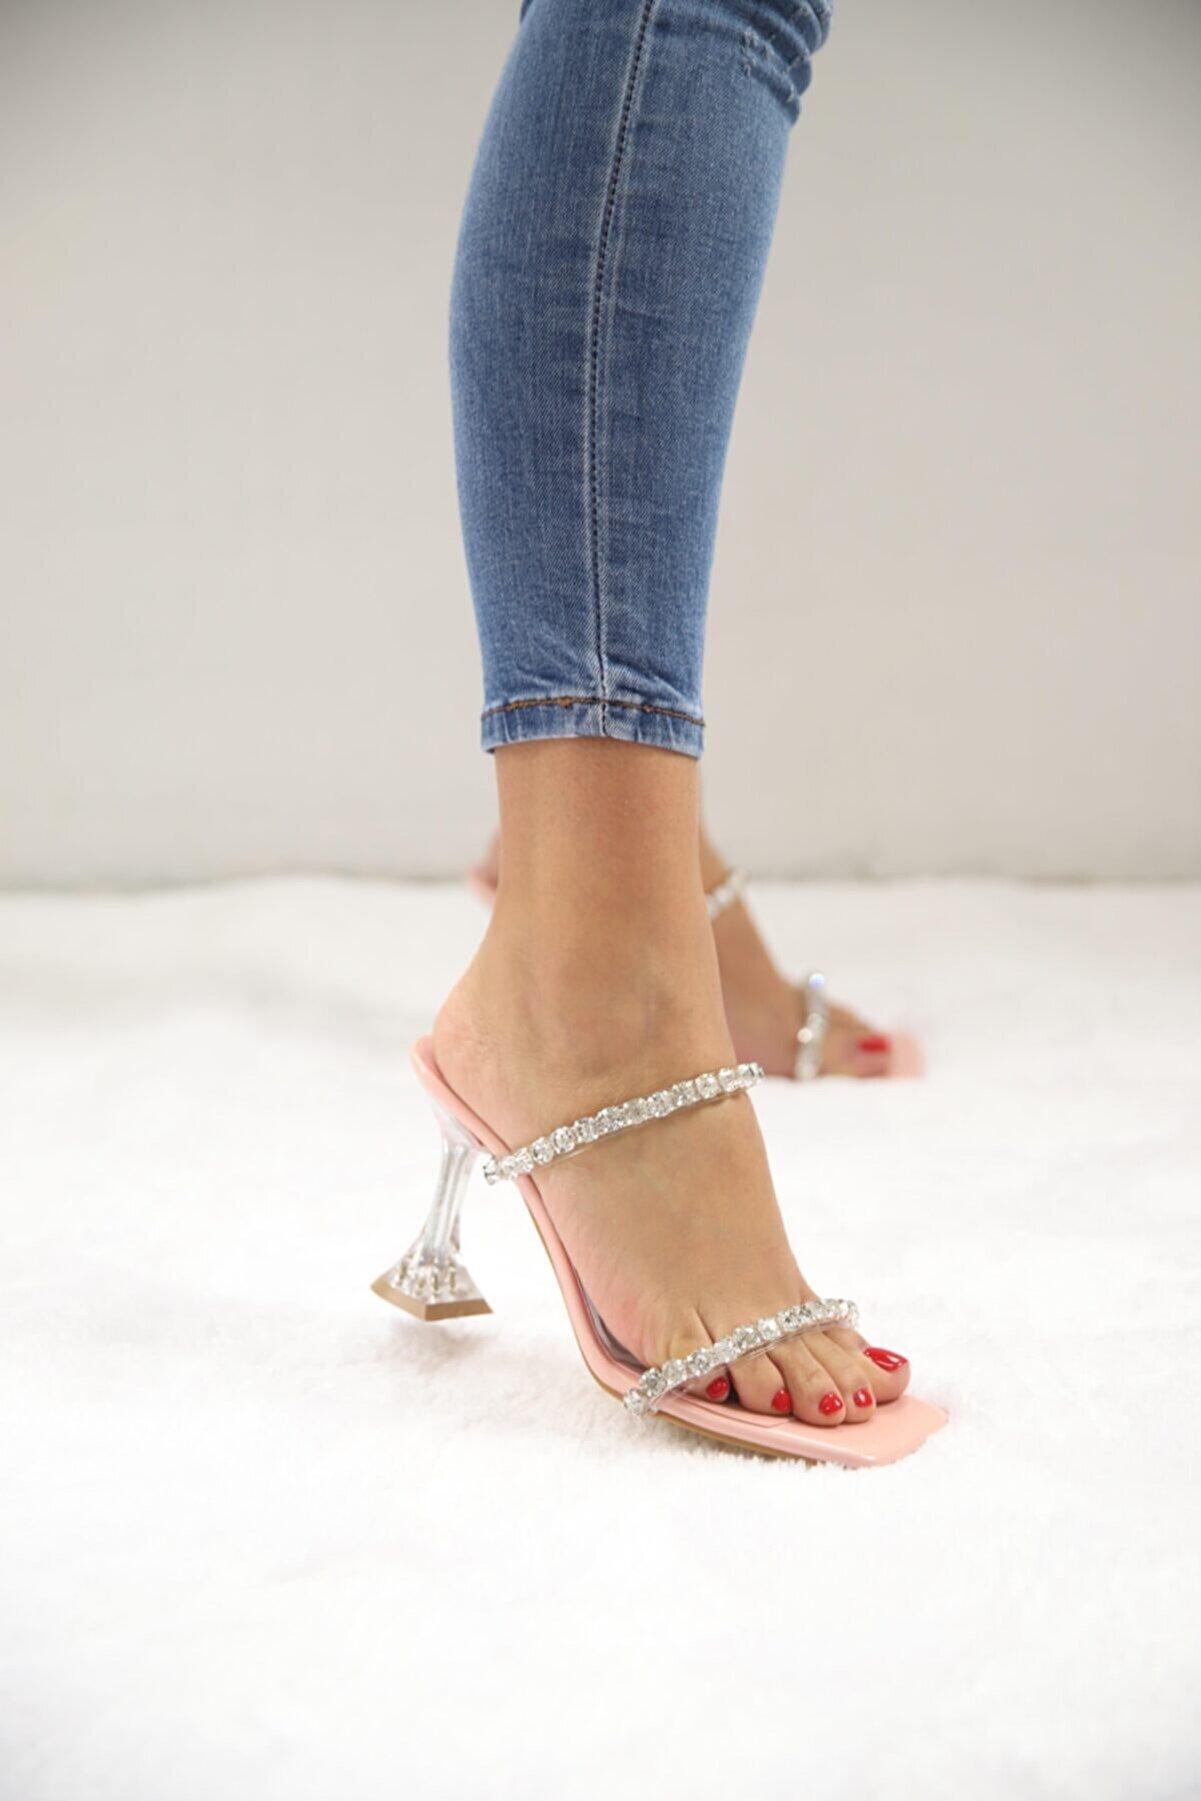 SHOEBELLAS Kadın Topuklu Ayakkabı